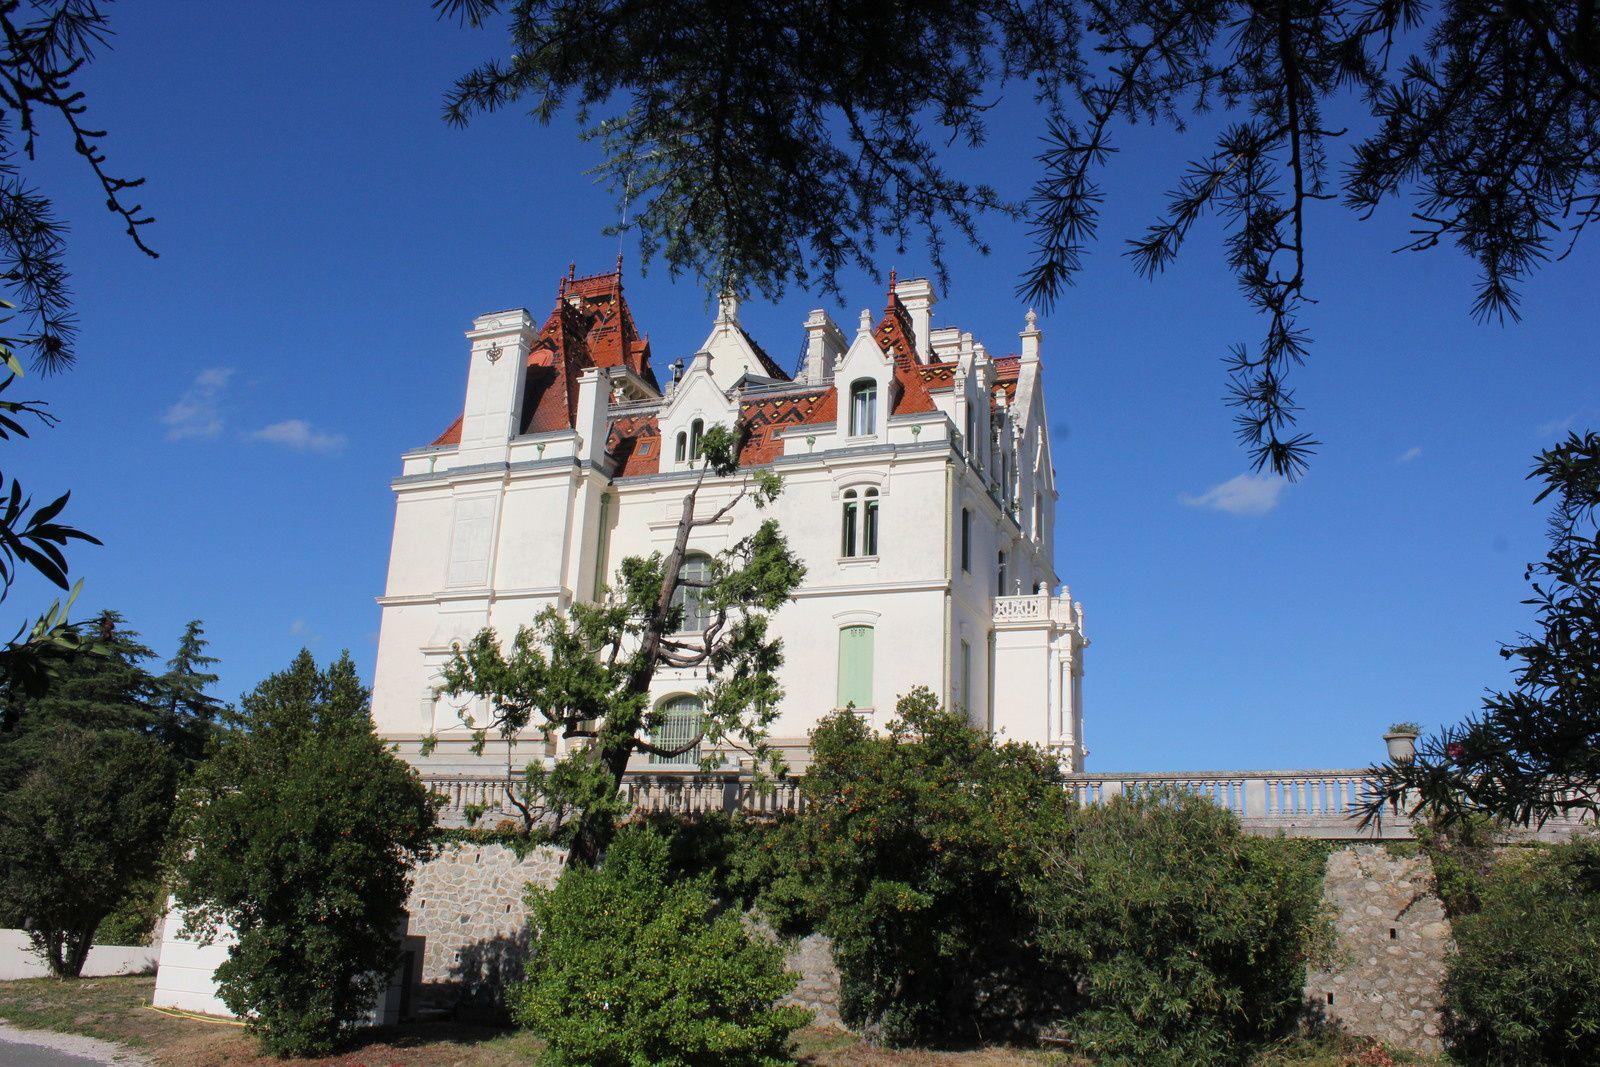 la construction du château de Valmy a duré 12 ans de 1888 à 1900, l'architecte Viggo Dorph Petersen construisait en même temp les châteaux de Céret et du parc Ducup à Perpignan.